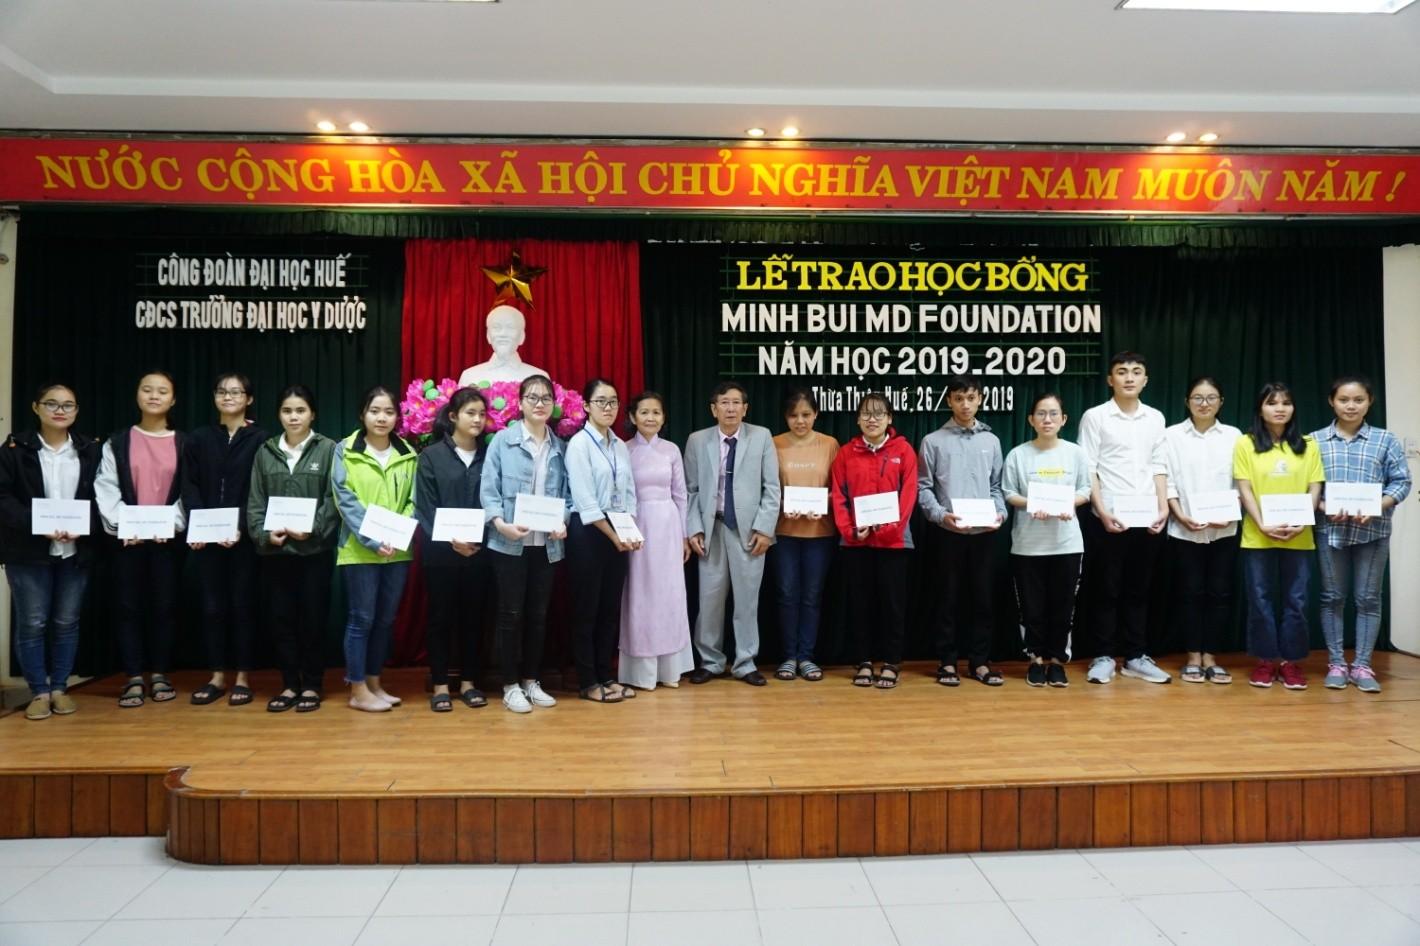 Trao học bổng Minh Bui Foundation cho 85 sinh viên